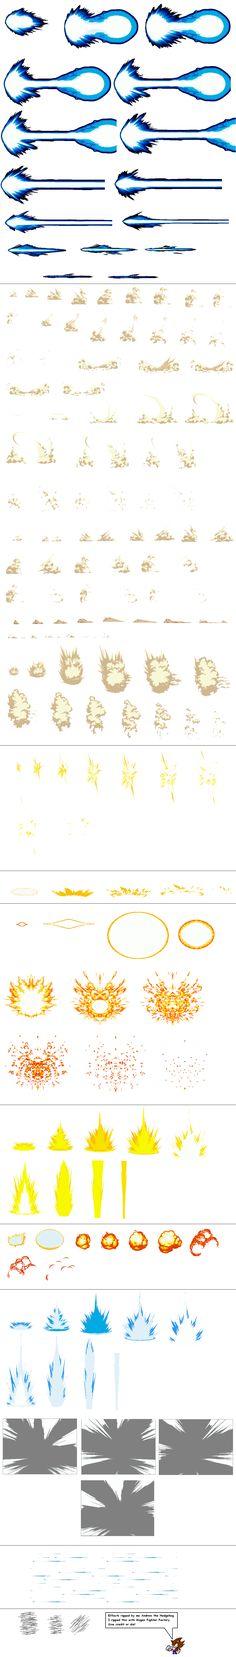 Ultimate Effects Sheet 1 by Xypter on deviantART